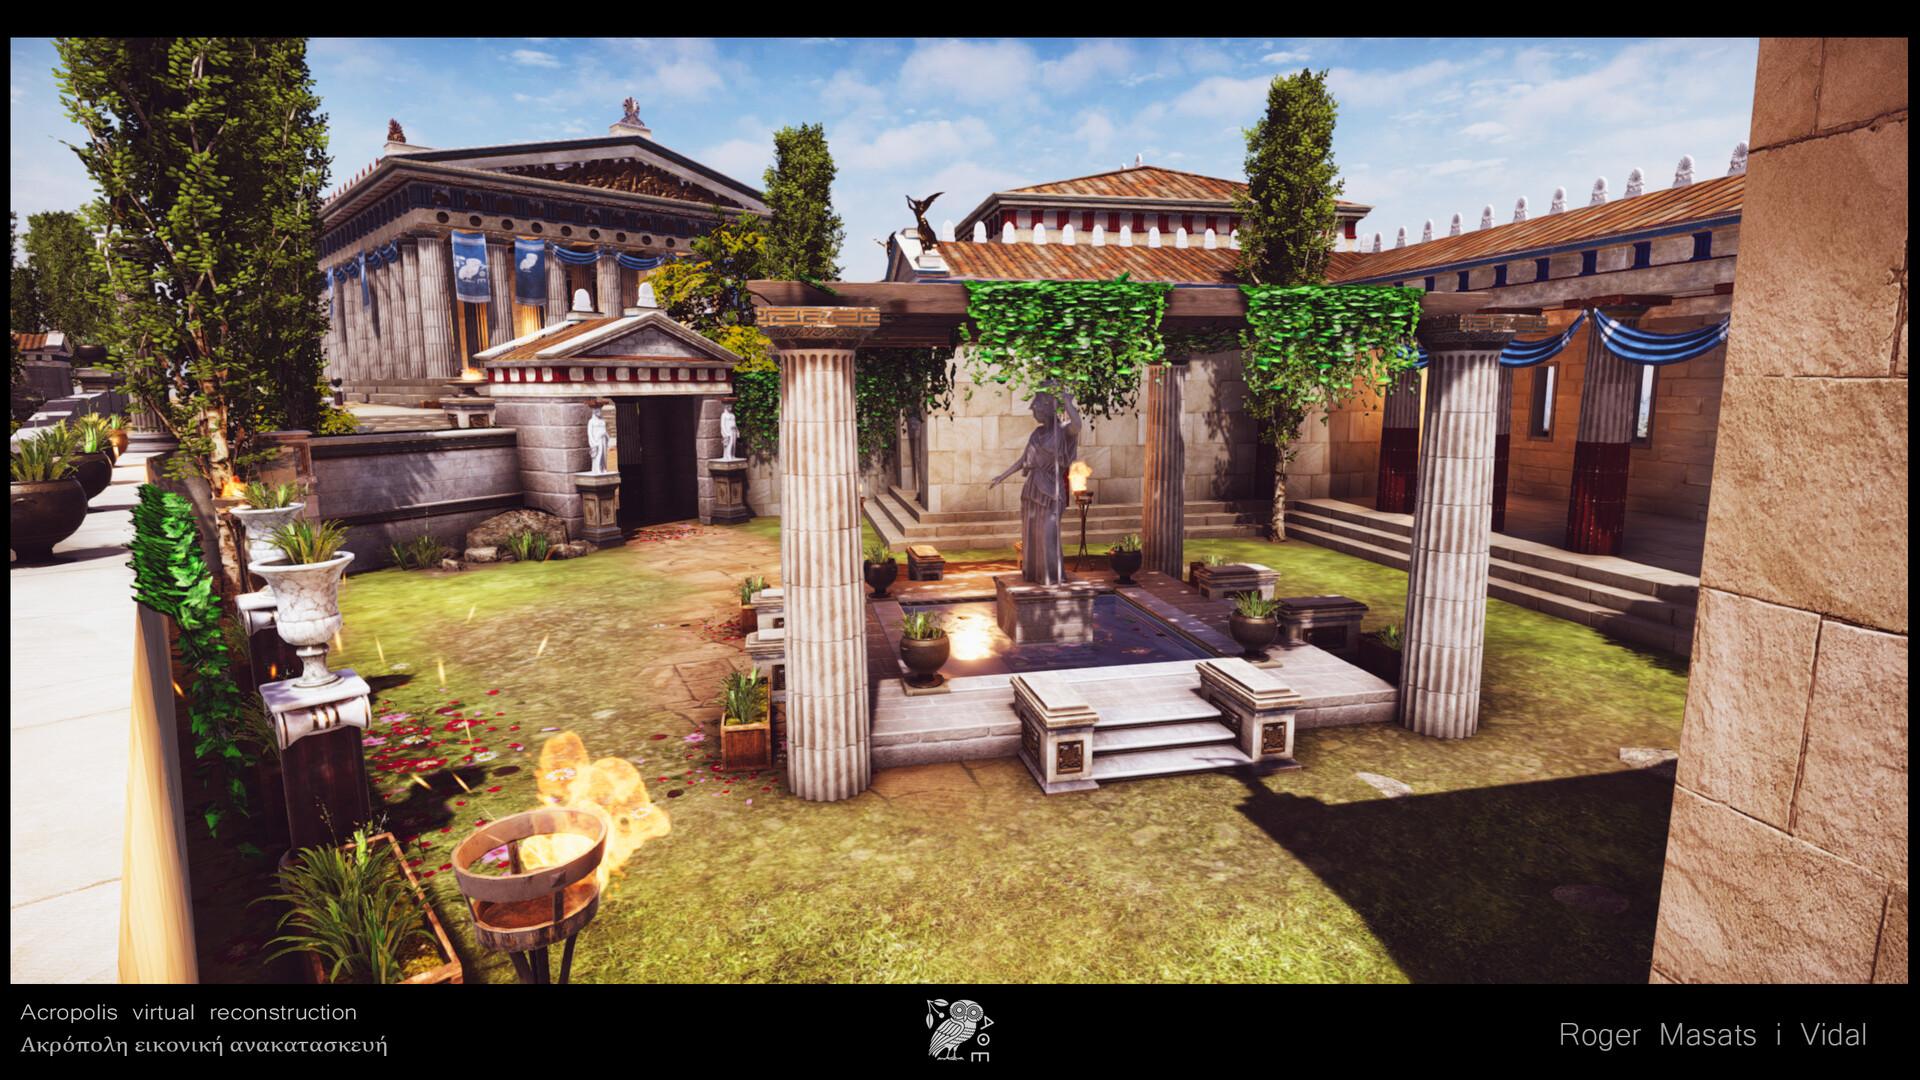 Artemis sanctuary